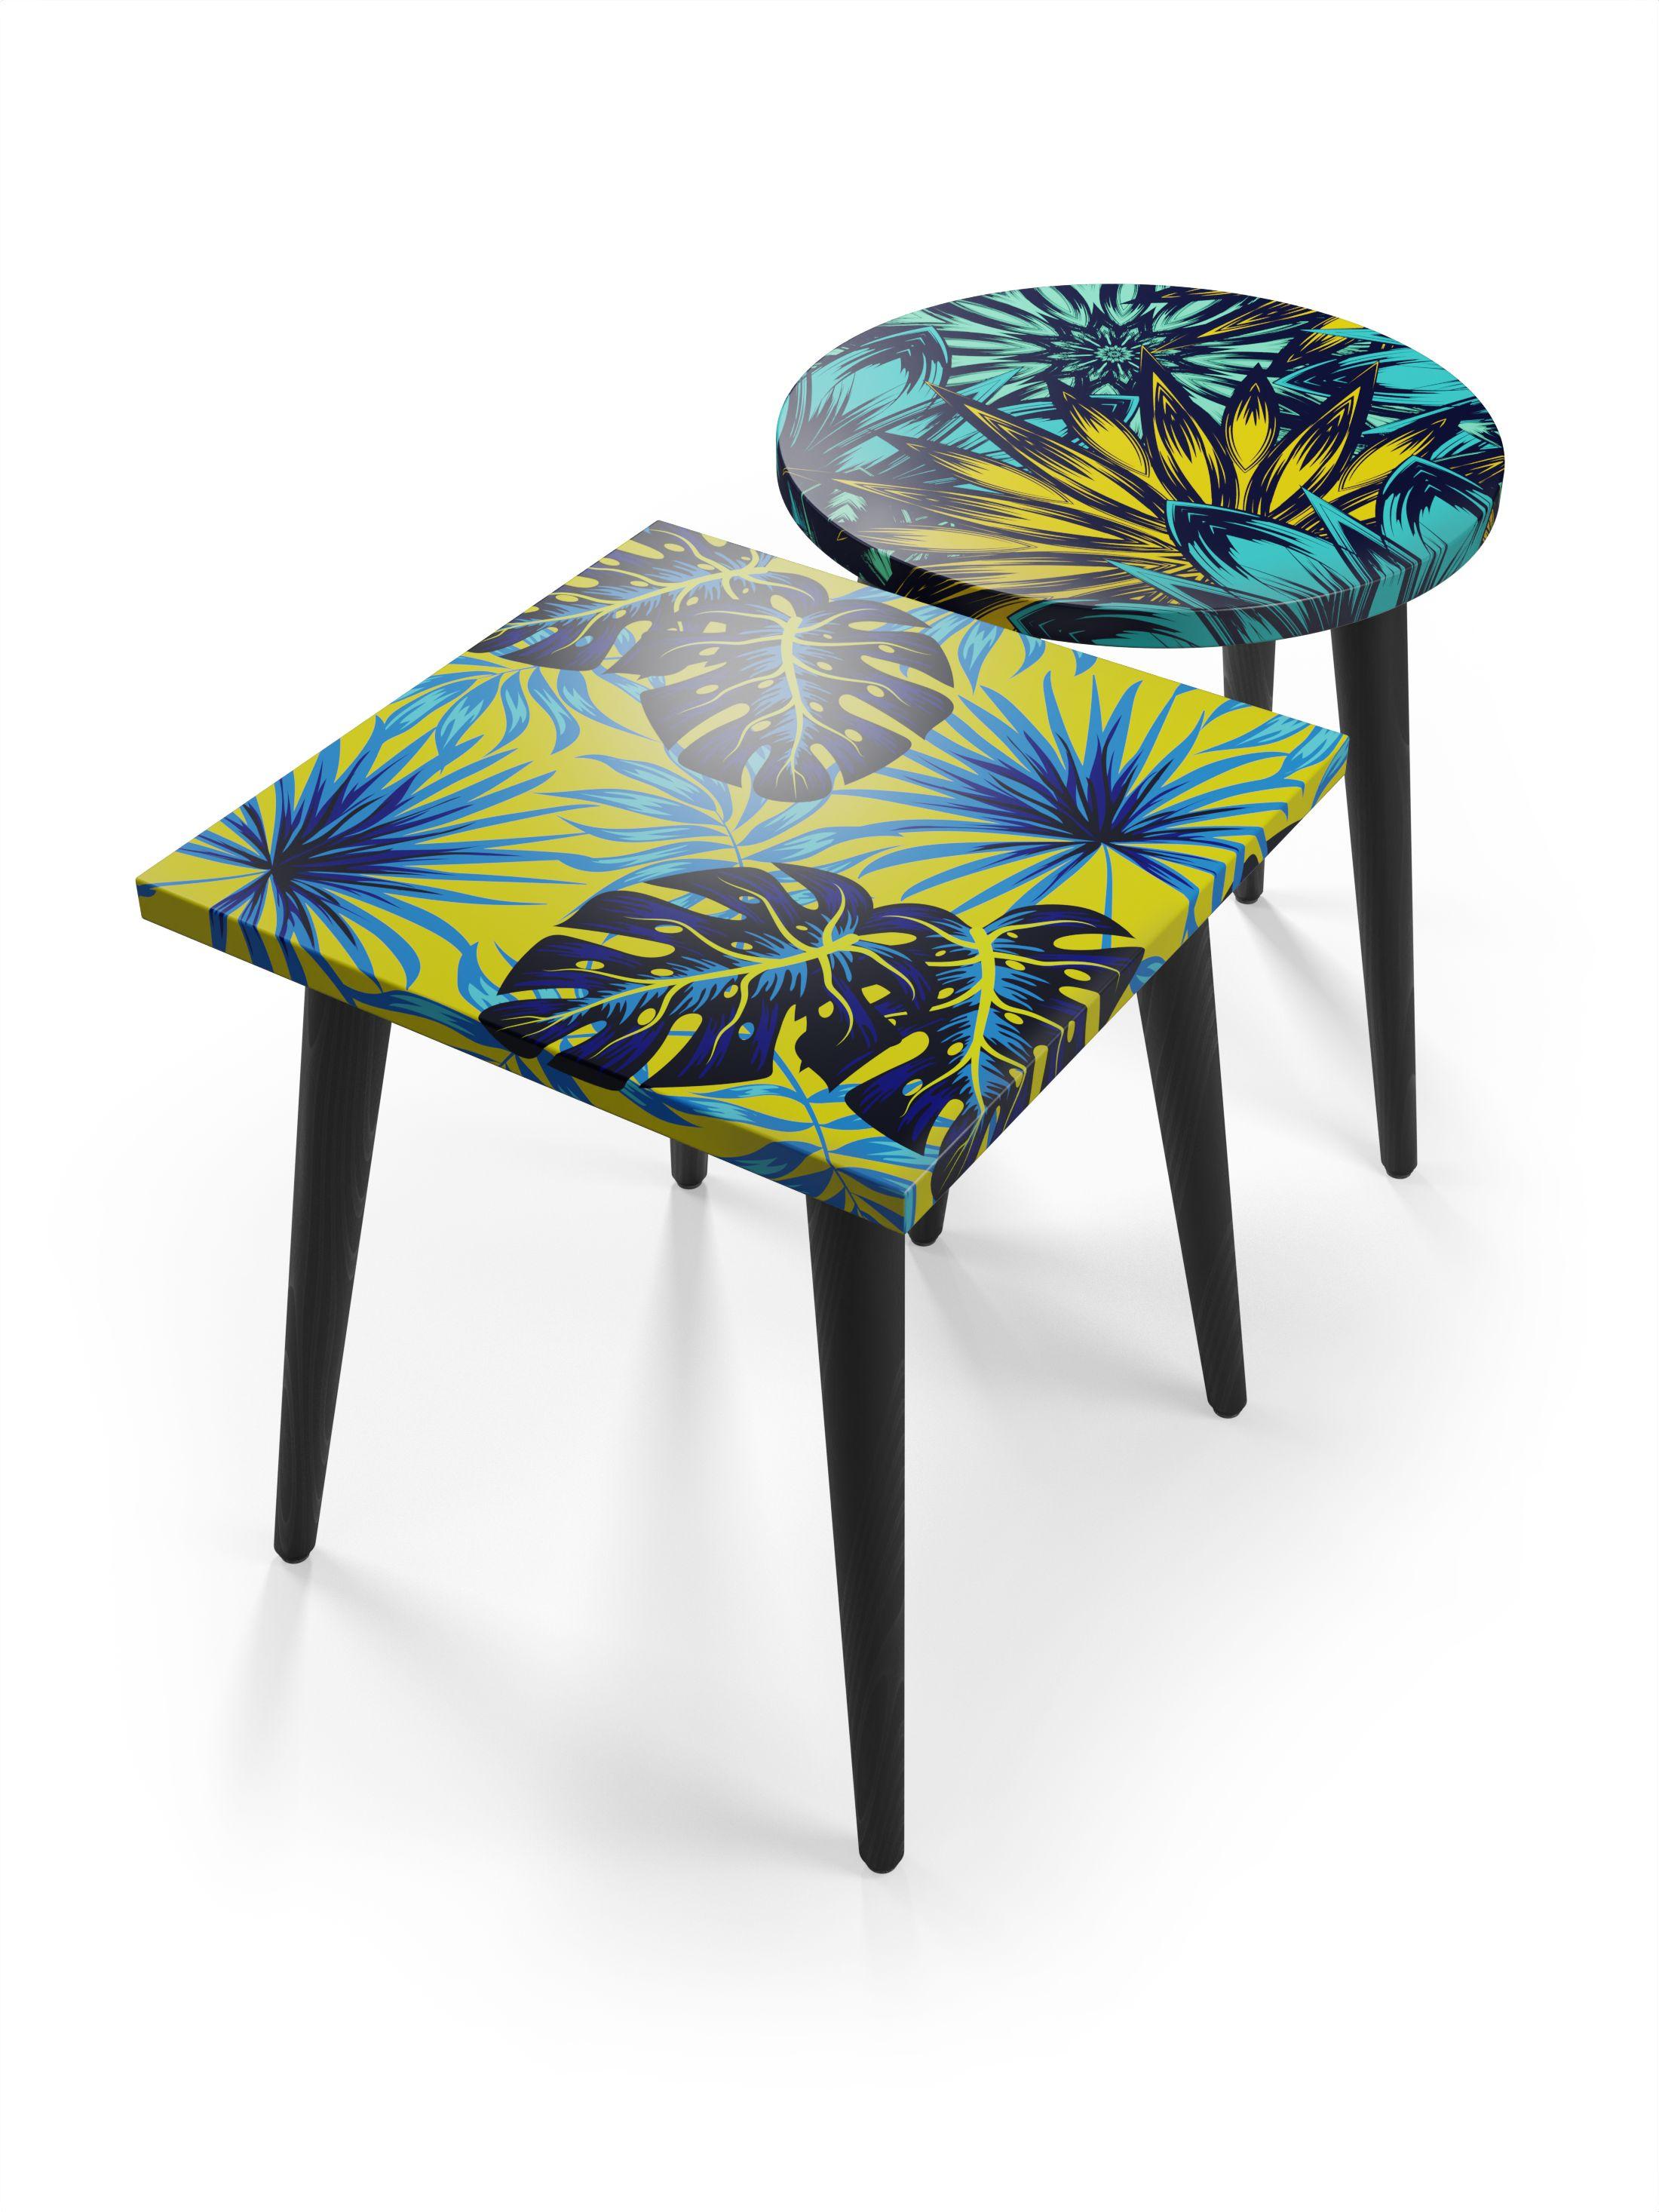 bespoke side table